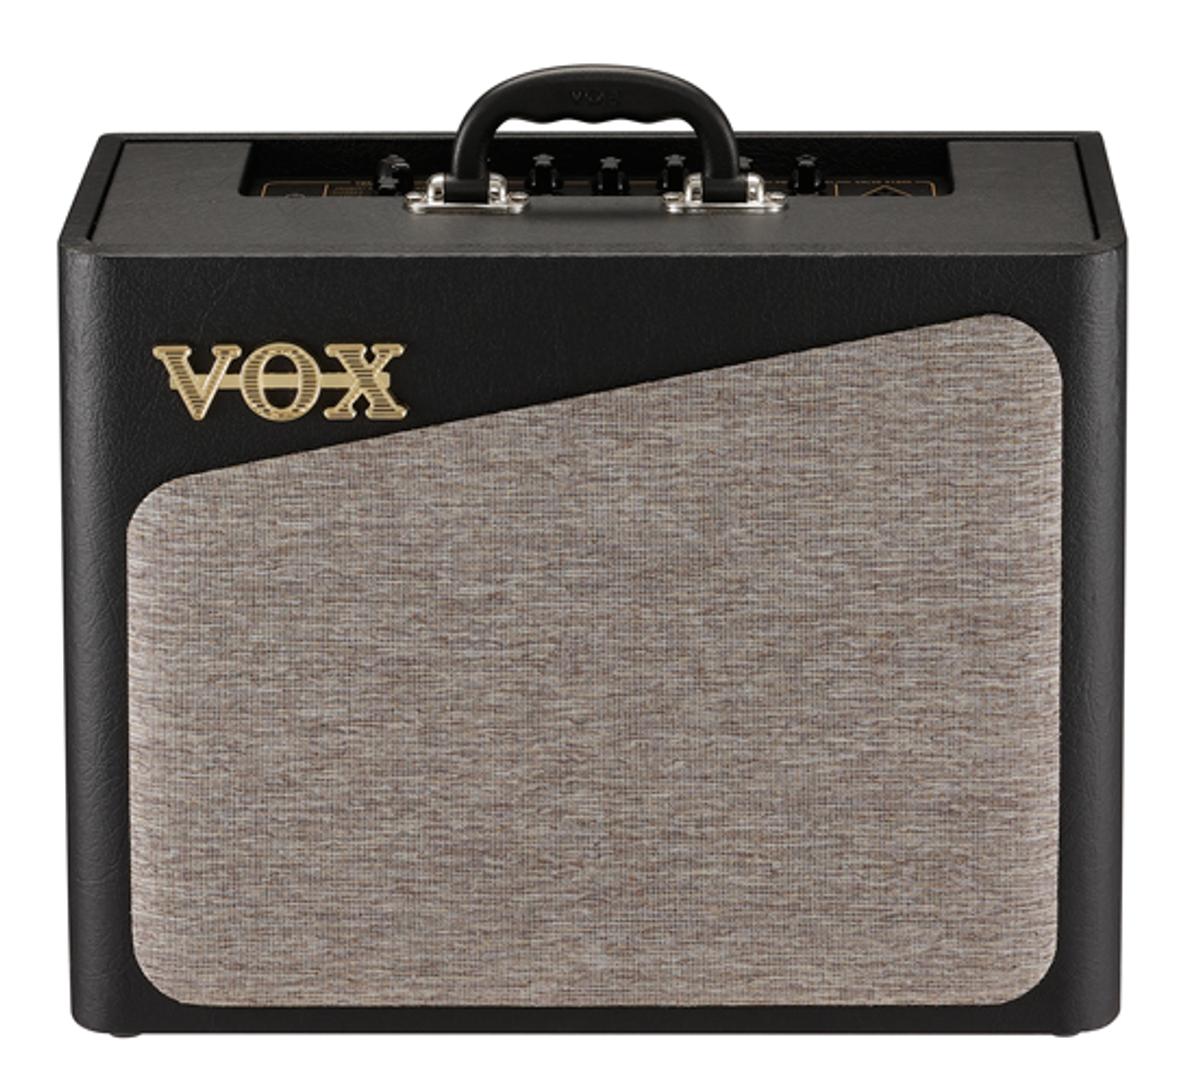 Vox Launches AV Series of Amps